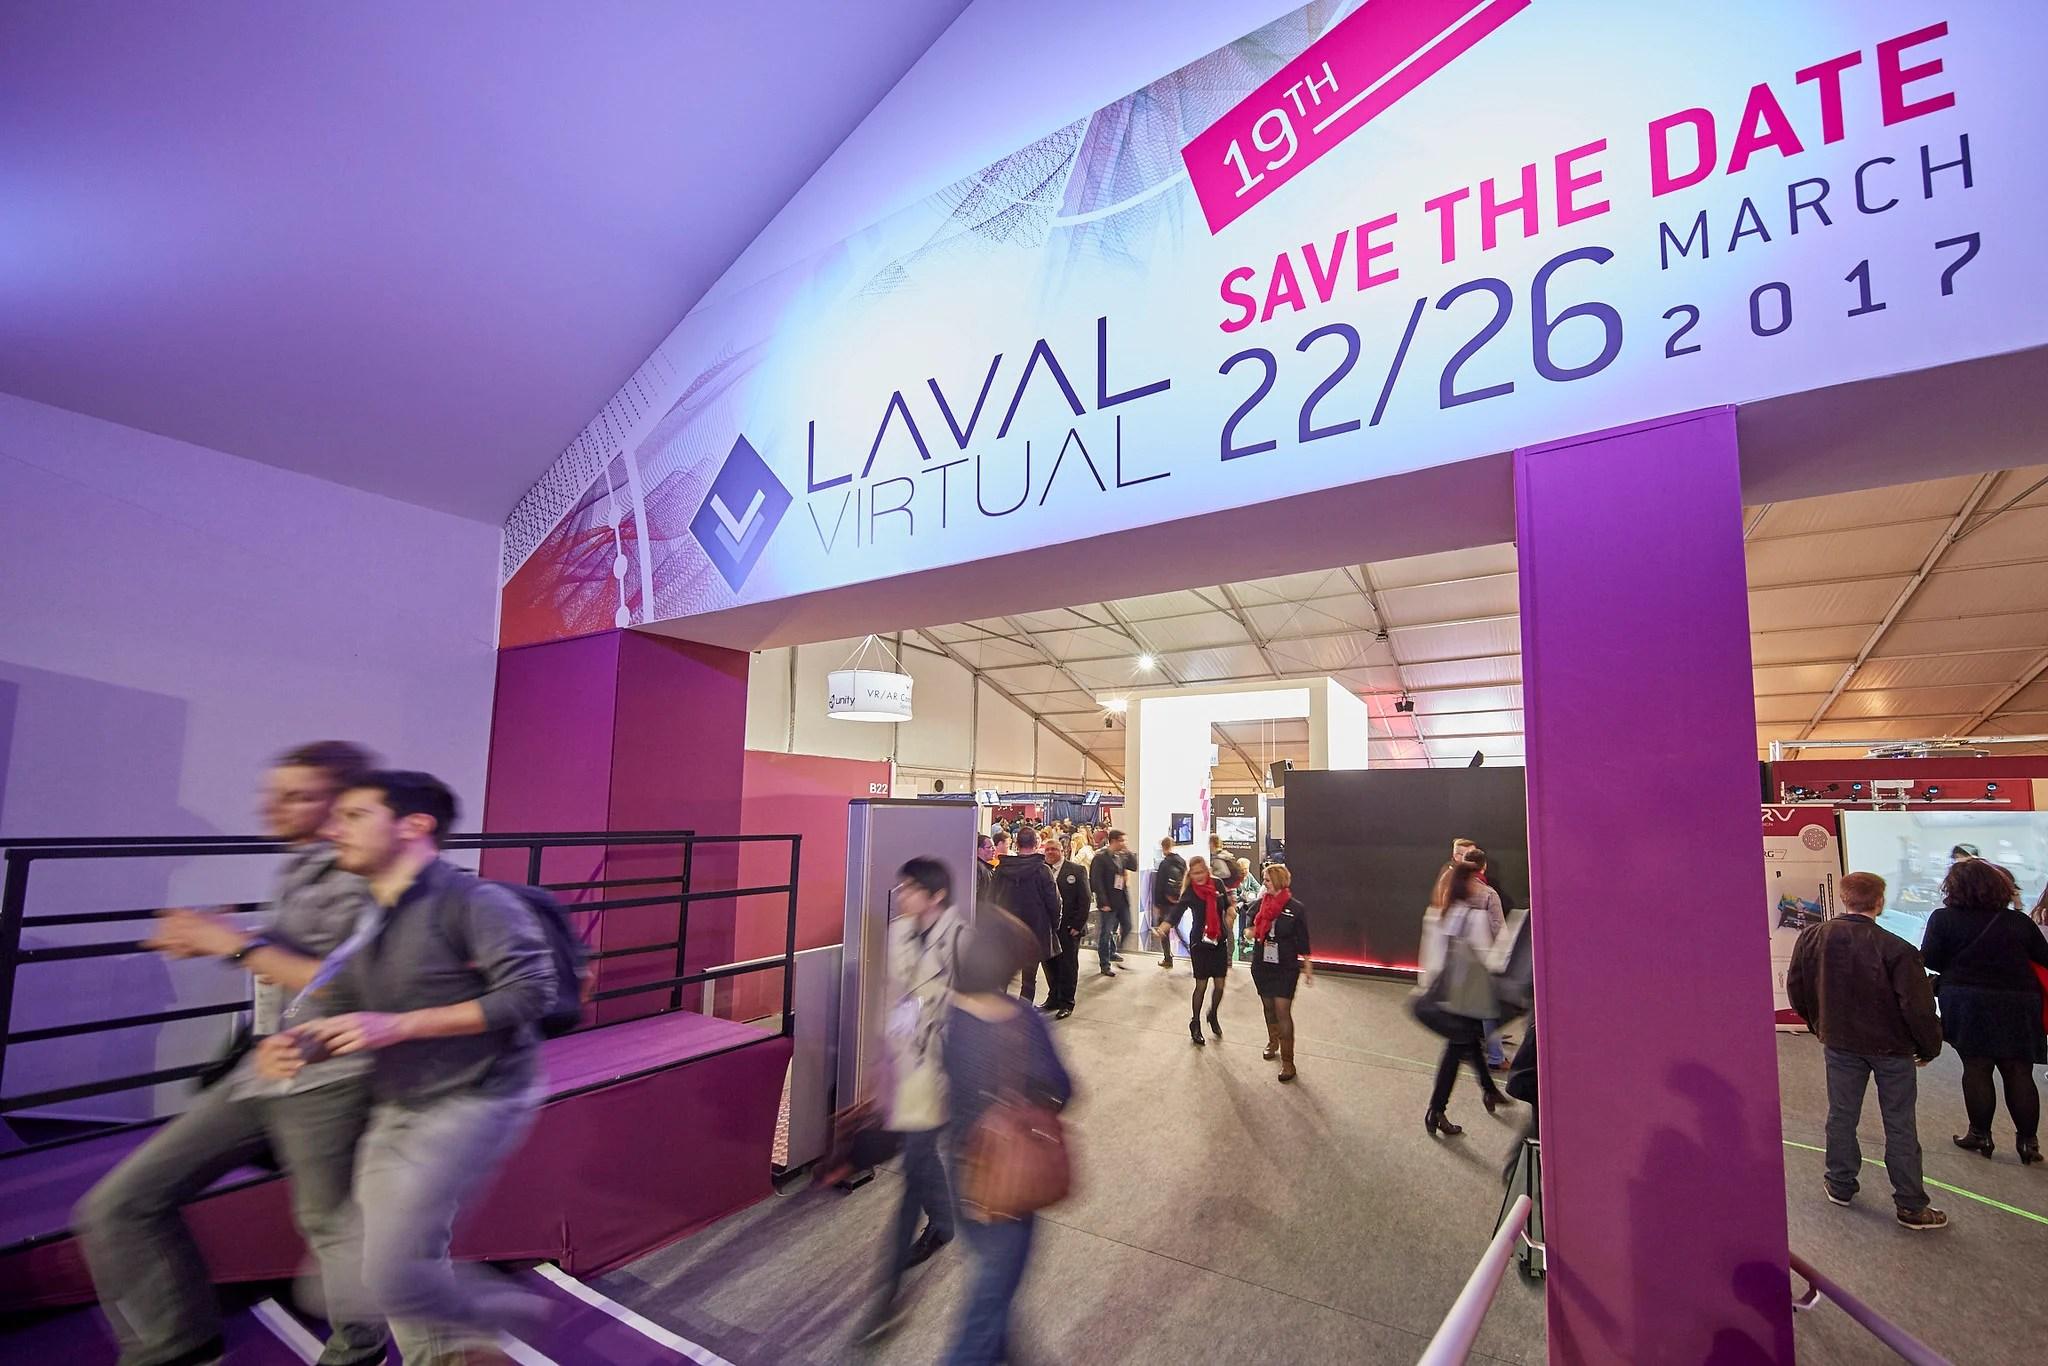 Laval Virtual 2017 : inscrivez-vous tant que c'est gratuit